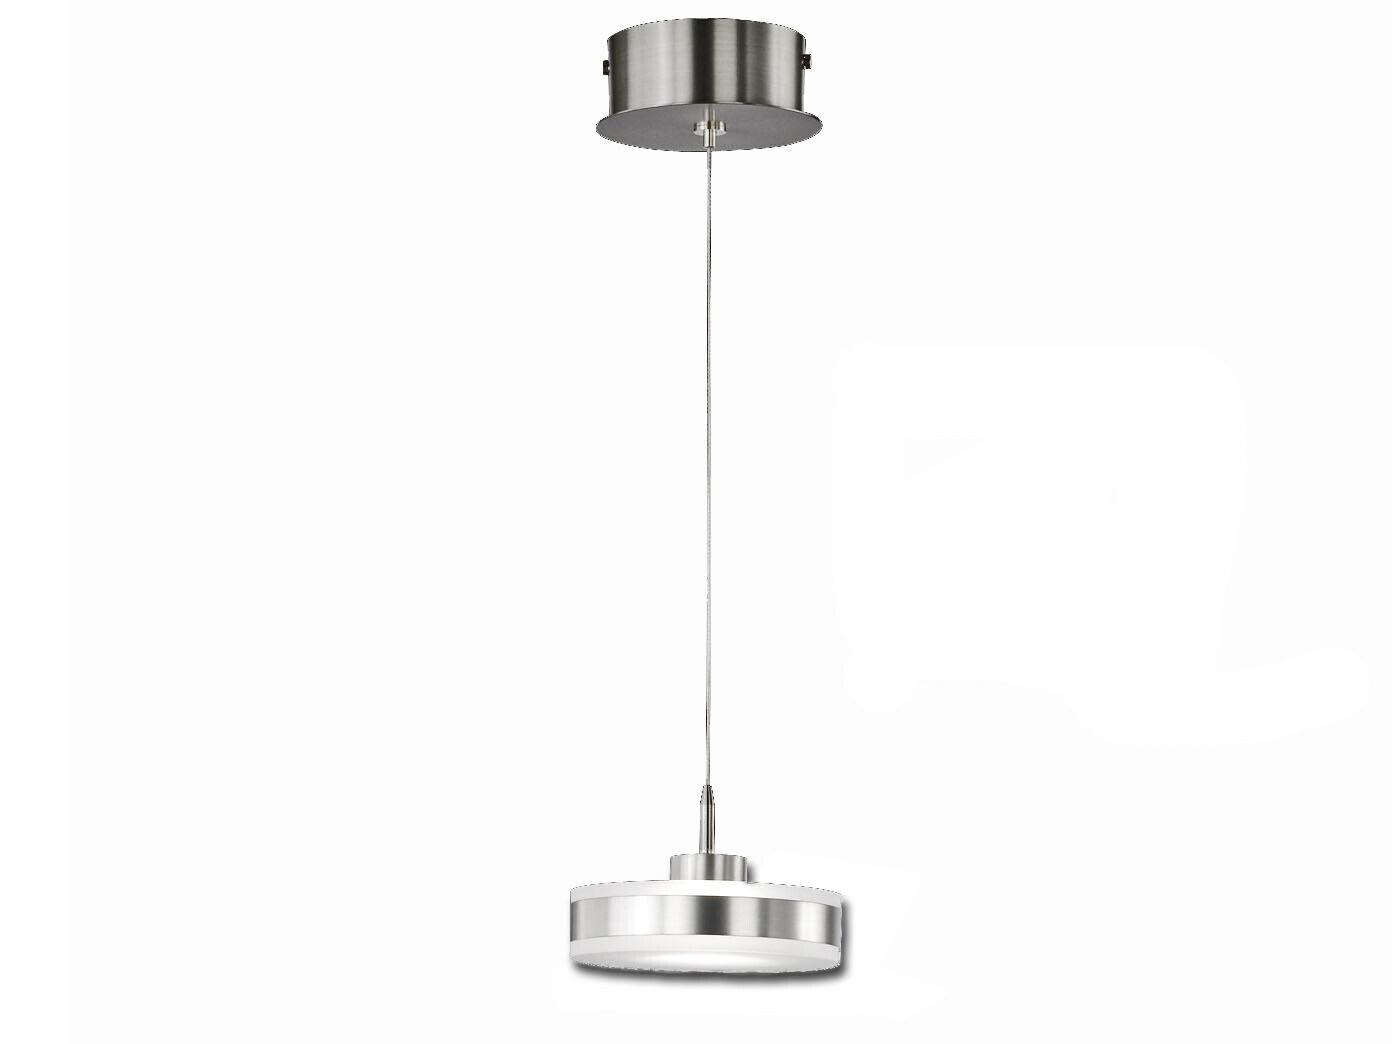 LED Hängelampe dimmbar höhenverstellbar Ø 14cm Design Leuchte Pendelleuchten